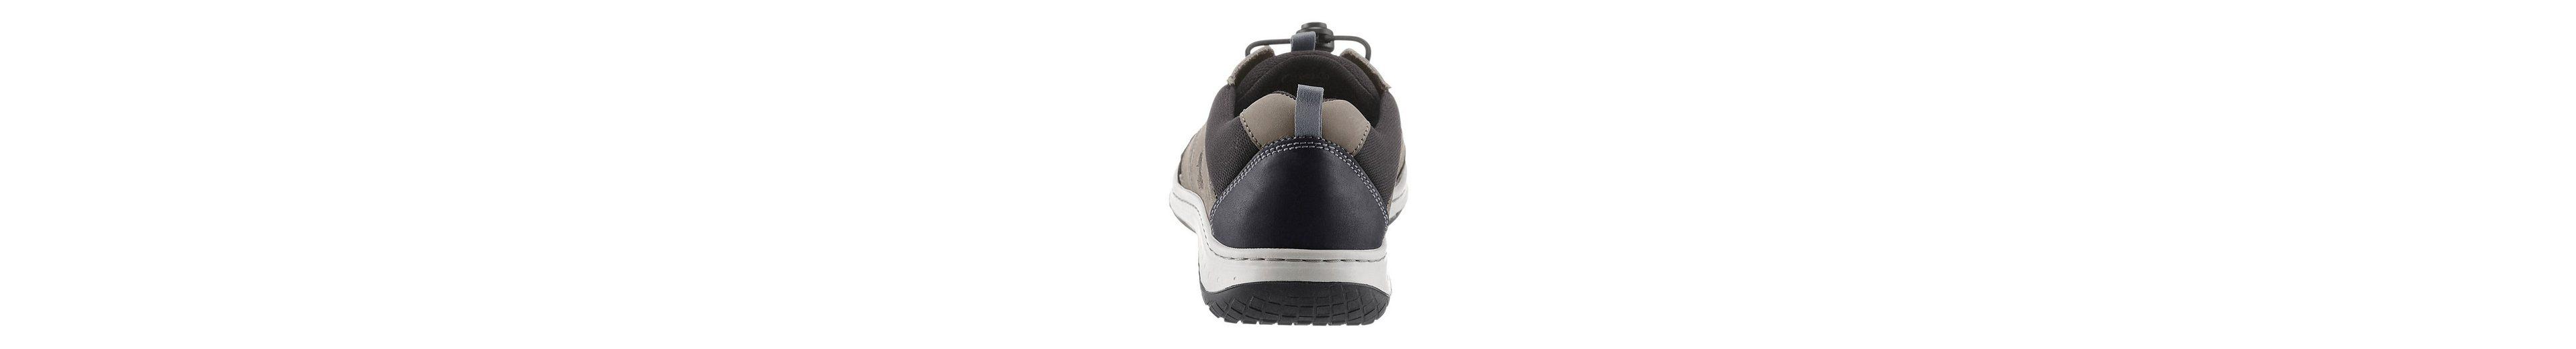 SoftWalk Slipper mit Leder-Wechselfußbett Günstigste Preis Verkauf Online oz9Tui